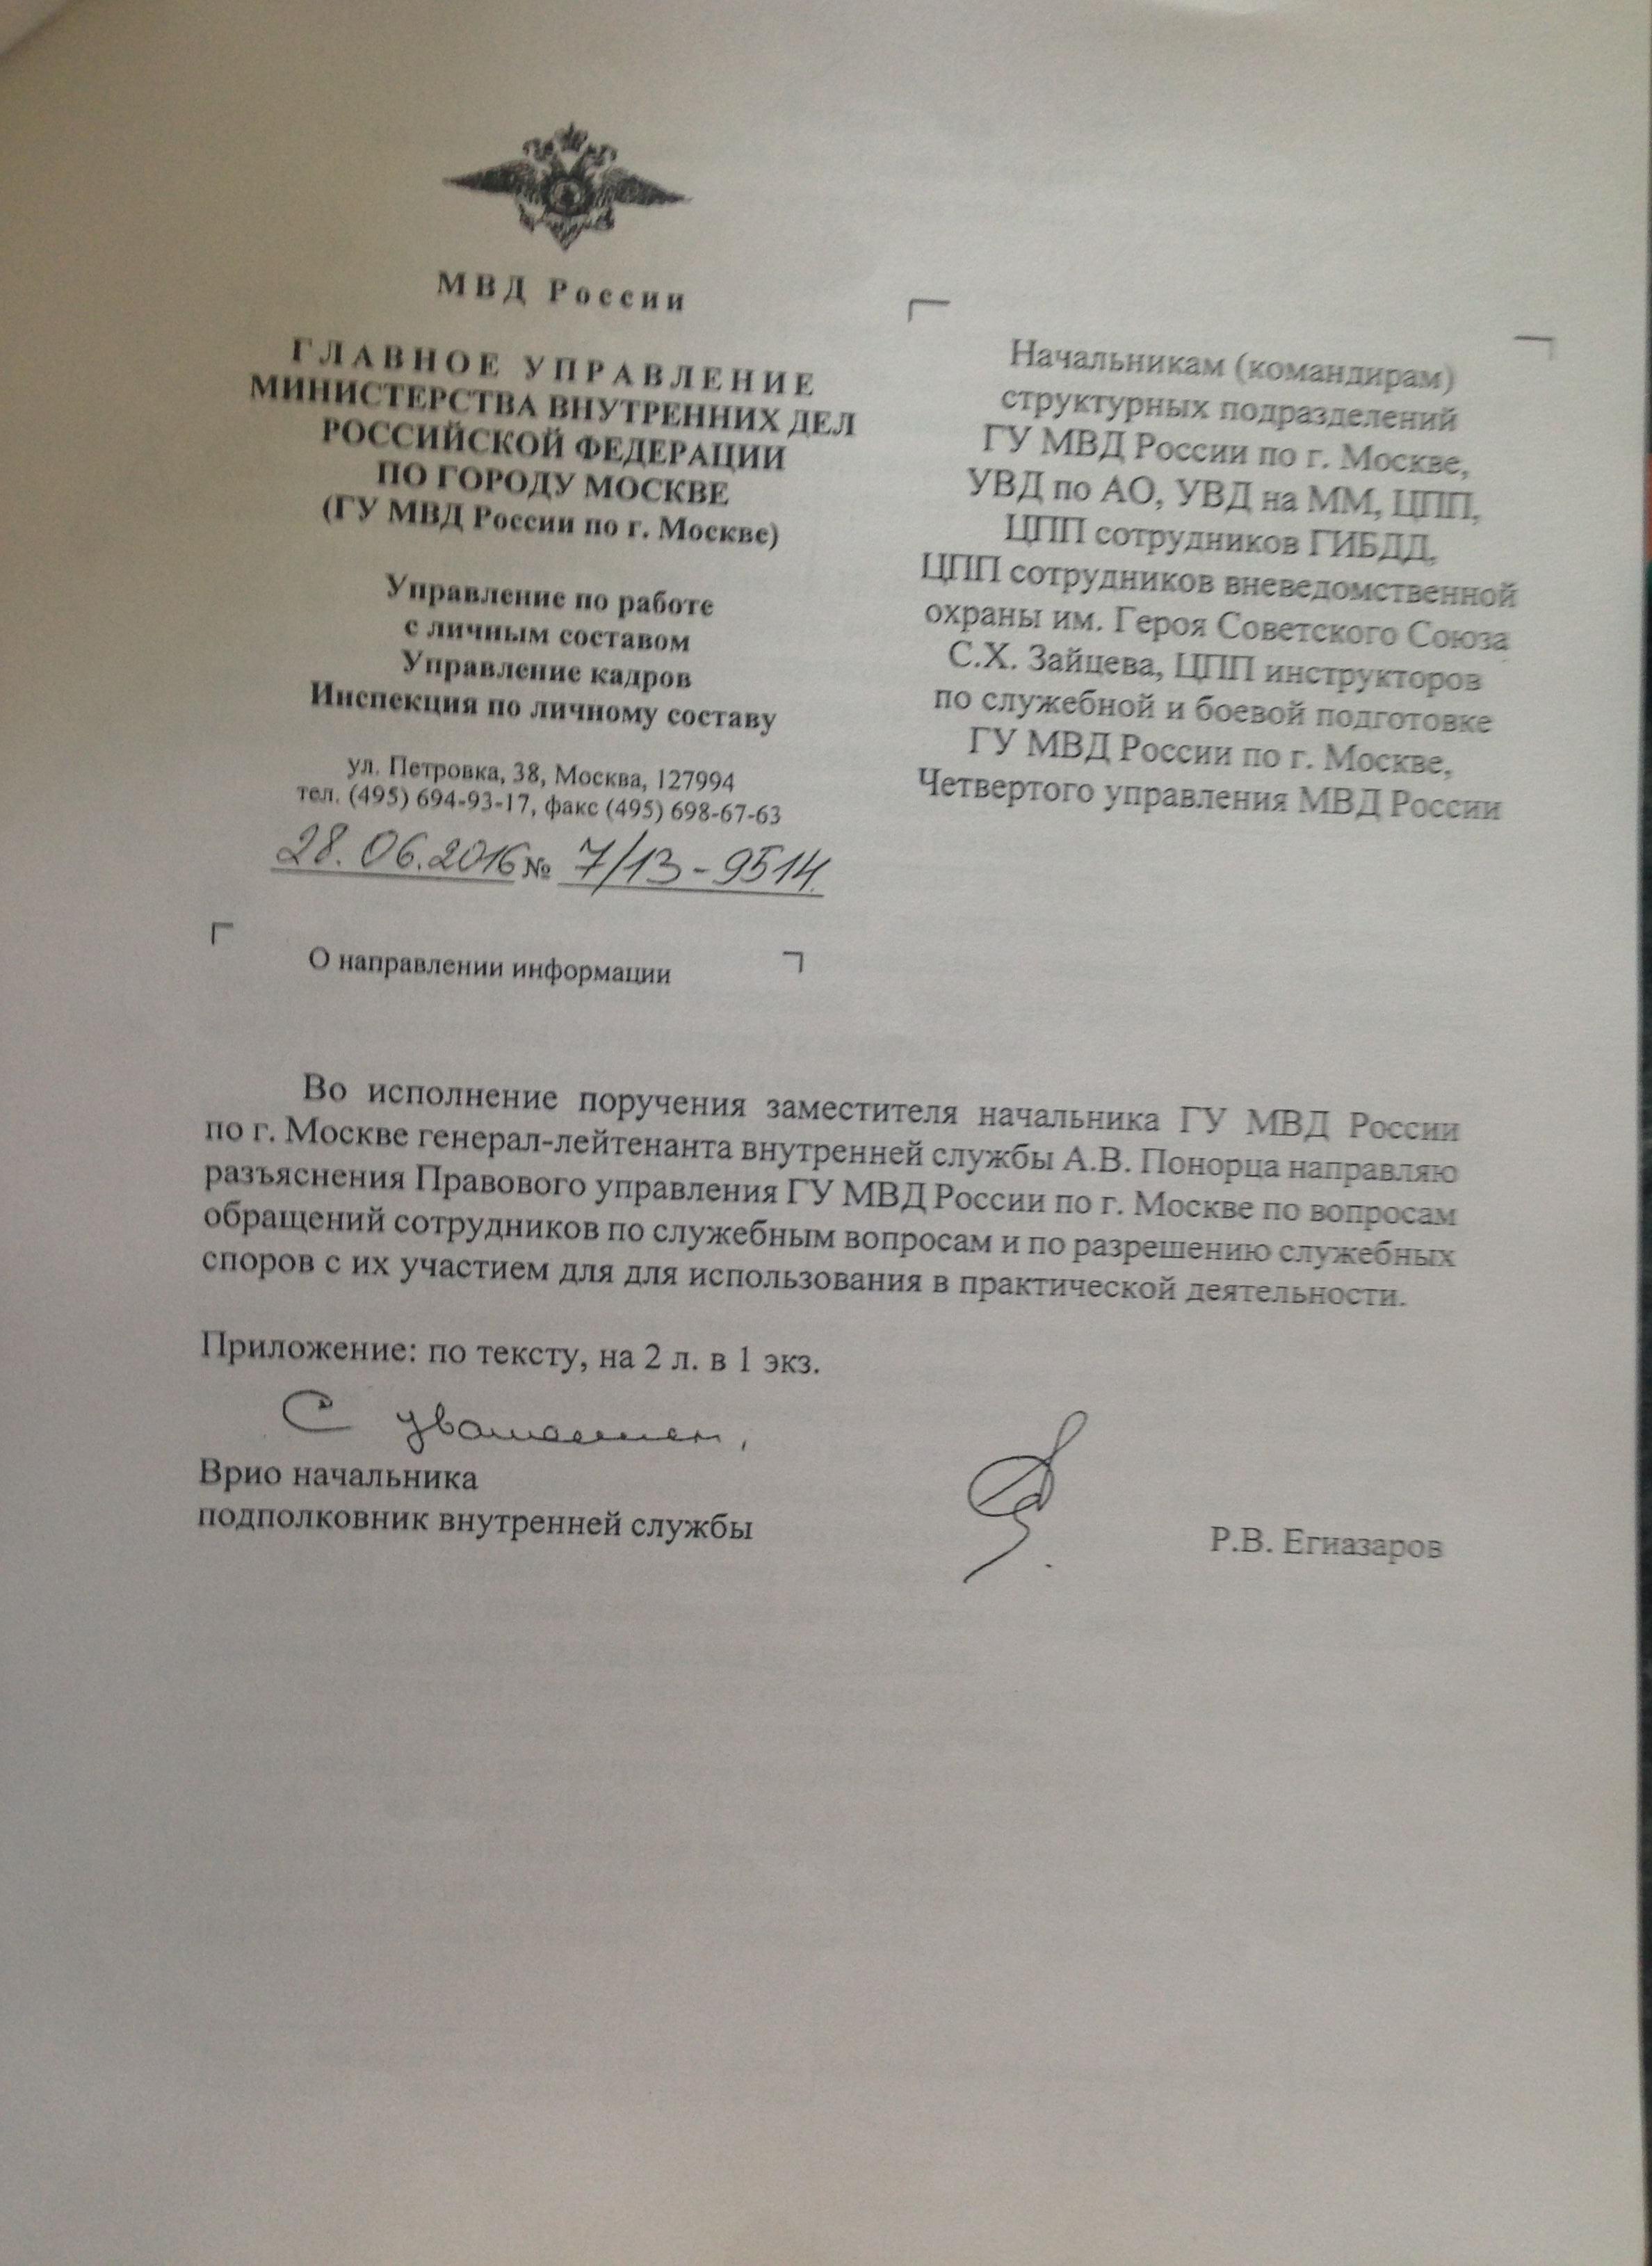 Как проверить действительность патента иностранному гражданину в московской